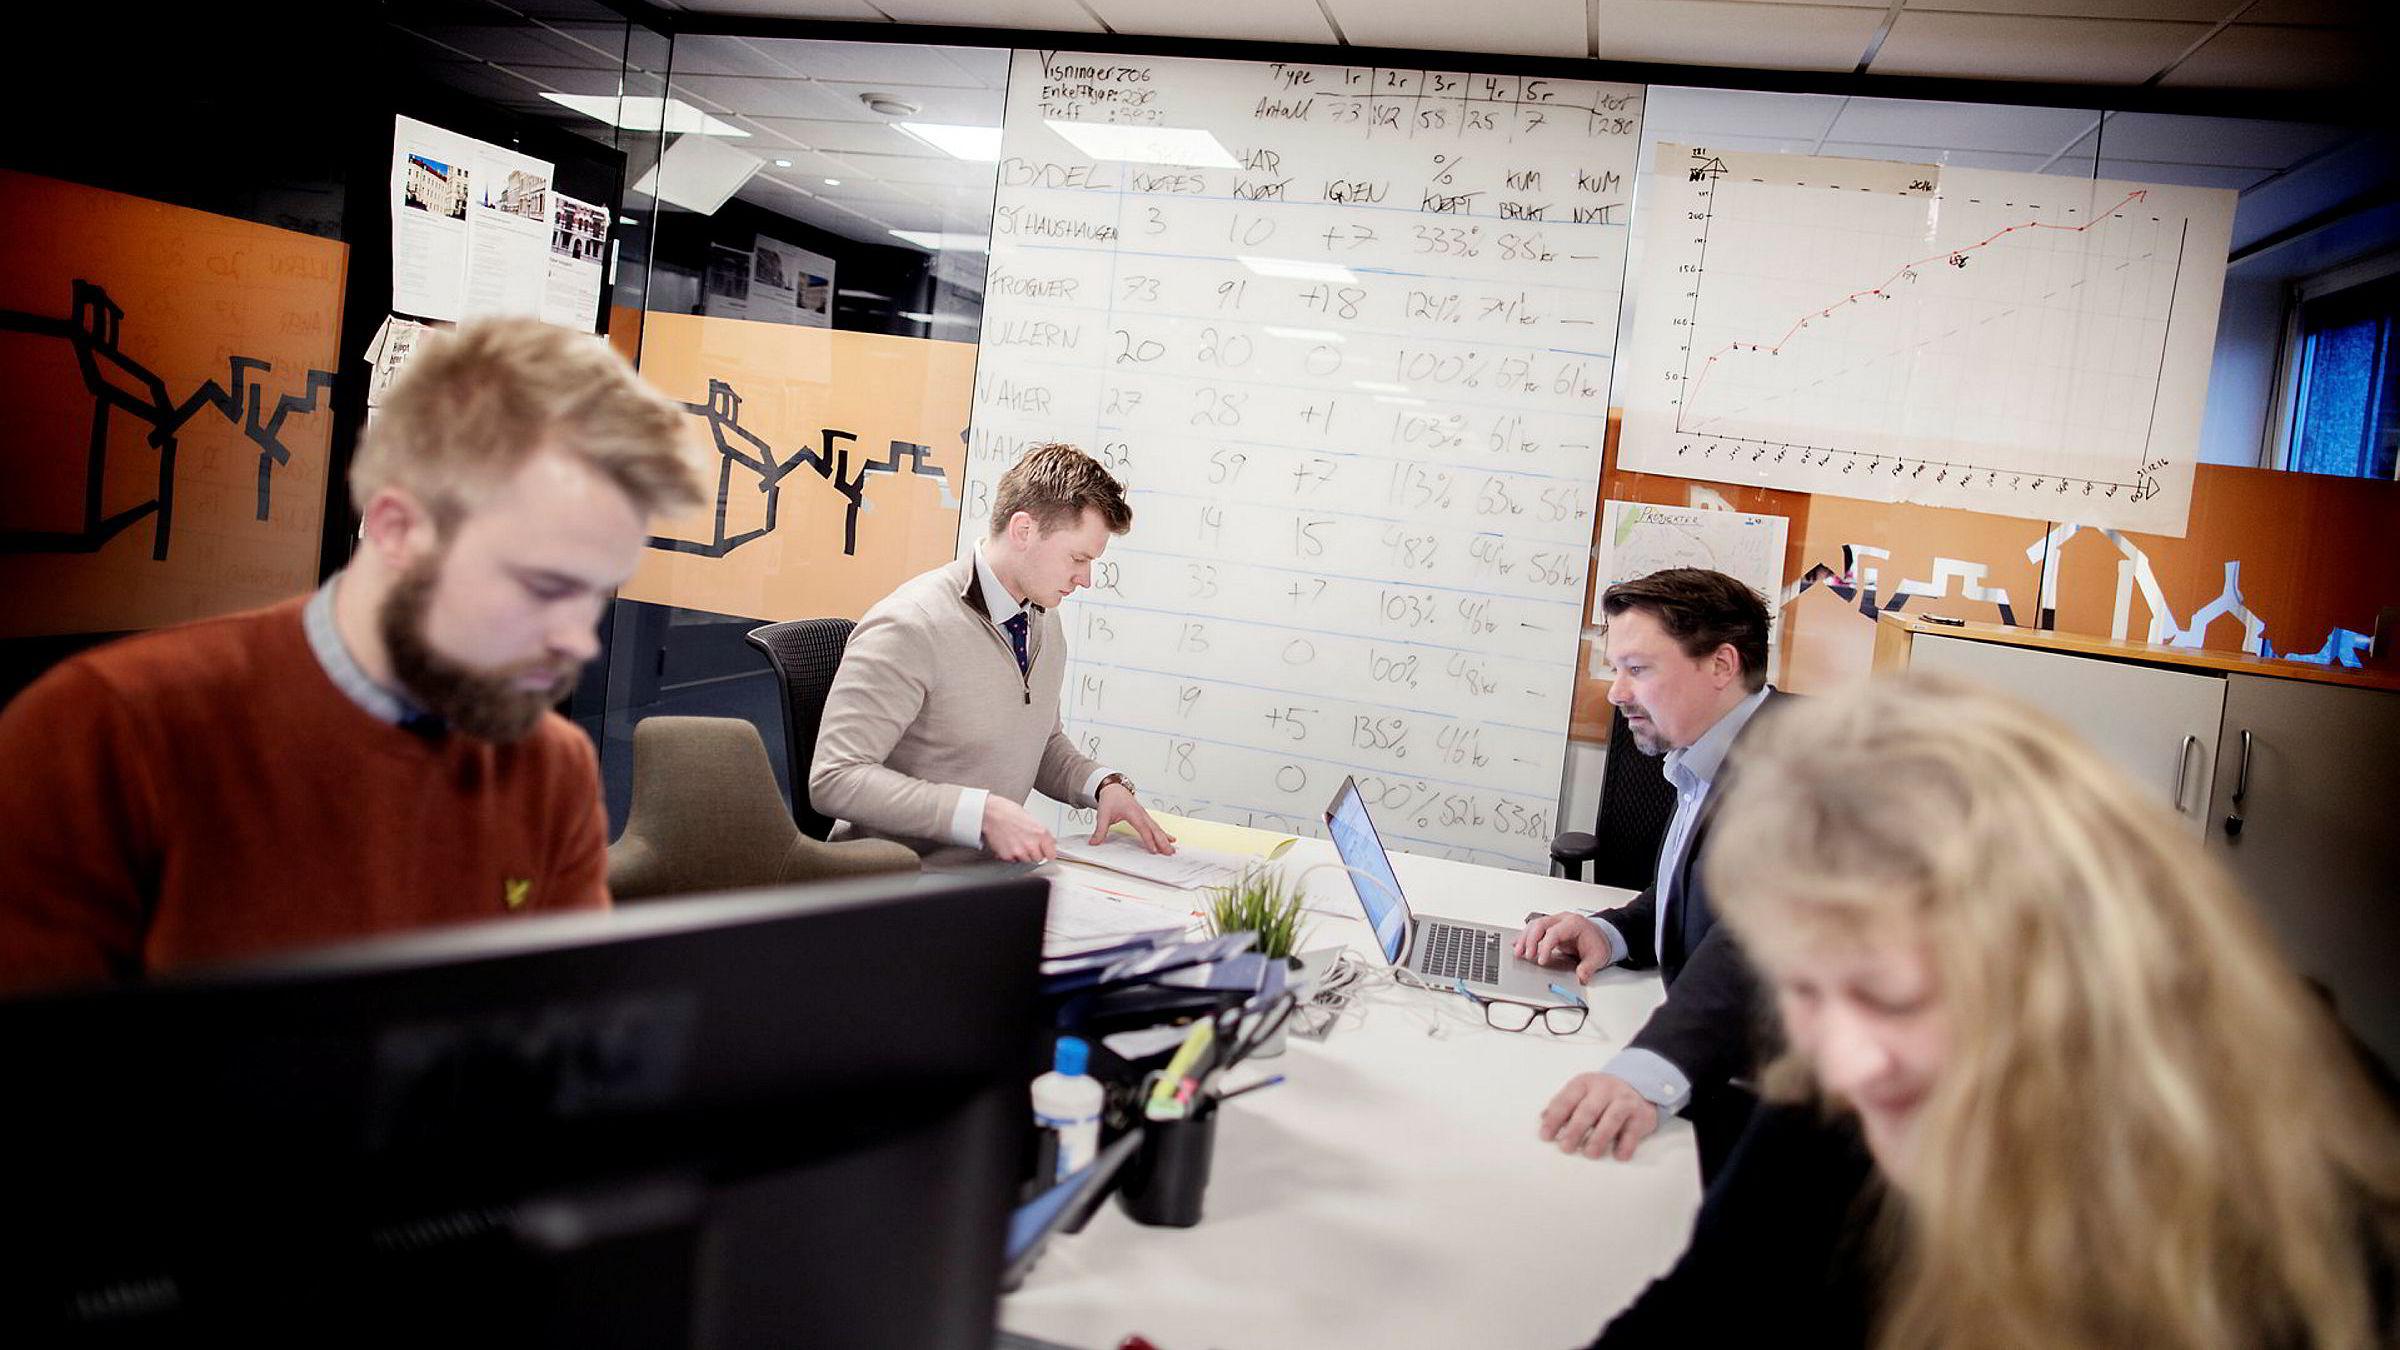 Boligbygg Oslo KF fikk i oppdrag av Oslo kommune å kjøpe leiligheter for 885 millioner kroner i år. Magnus Thun (25, fra venstre) har stått i bresjen for kjøpene. Til høyre for ham sitter Eivind Weseth, Geir Fredriksen (på andre siden av bordet) ogAnne Sølvberg.